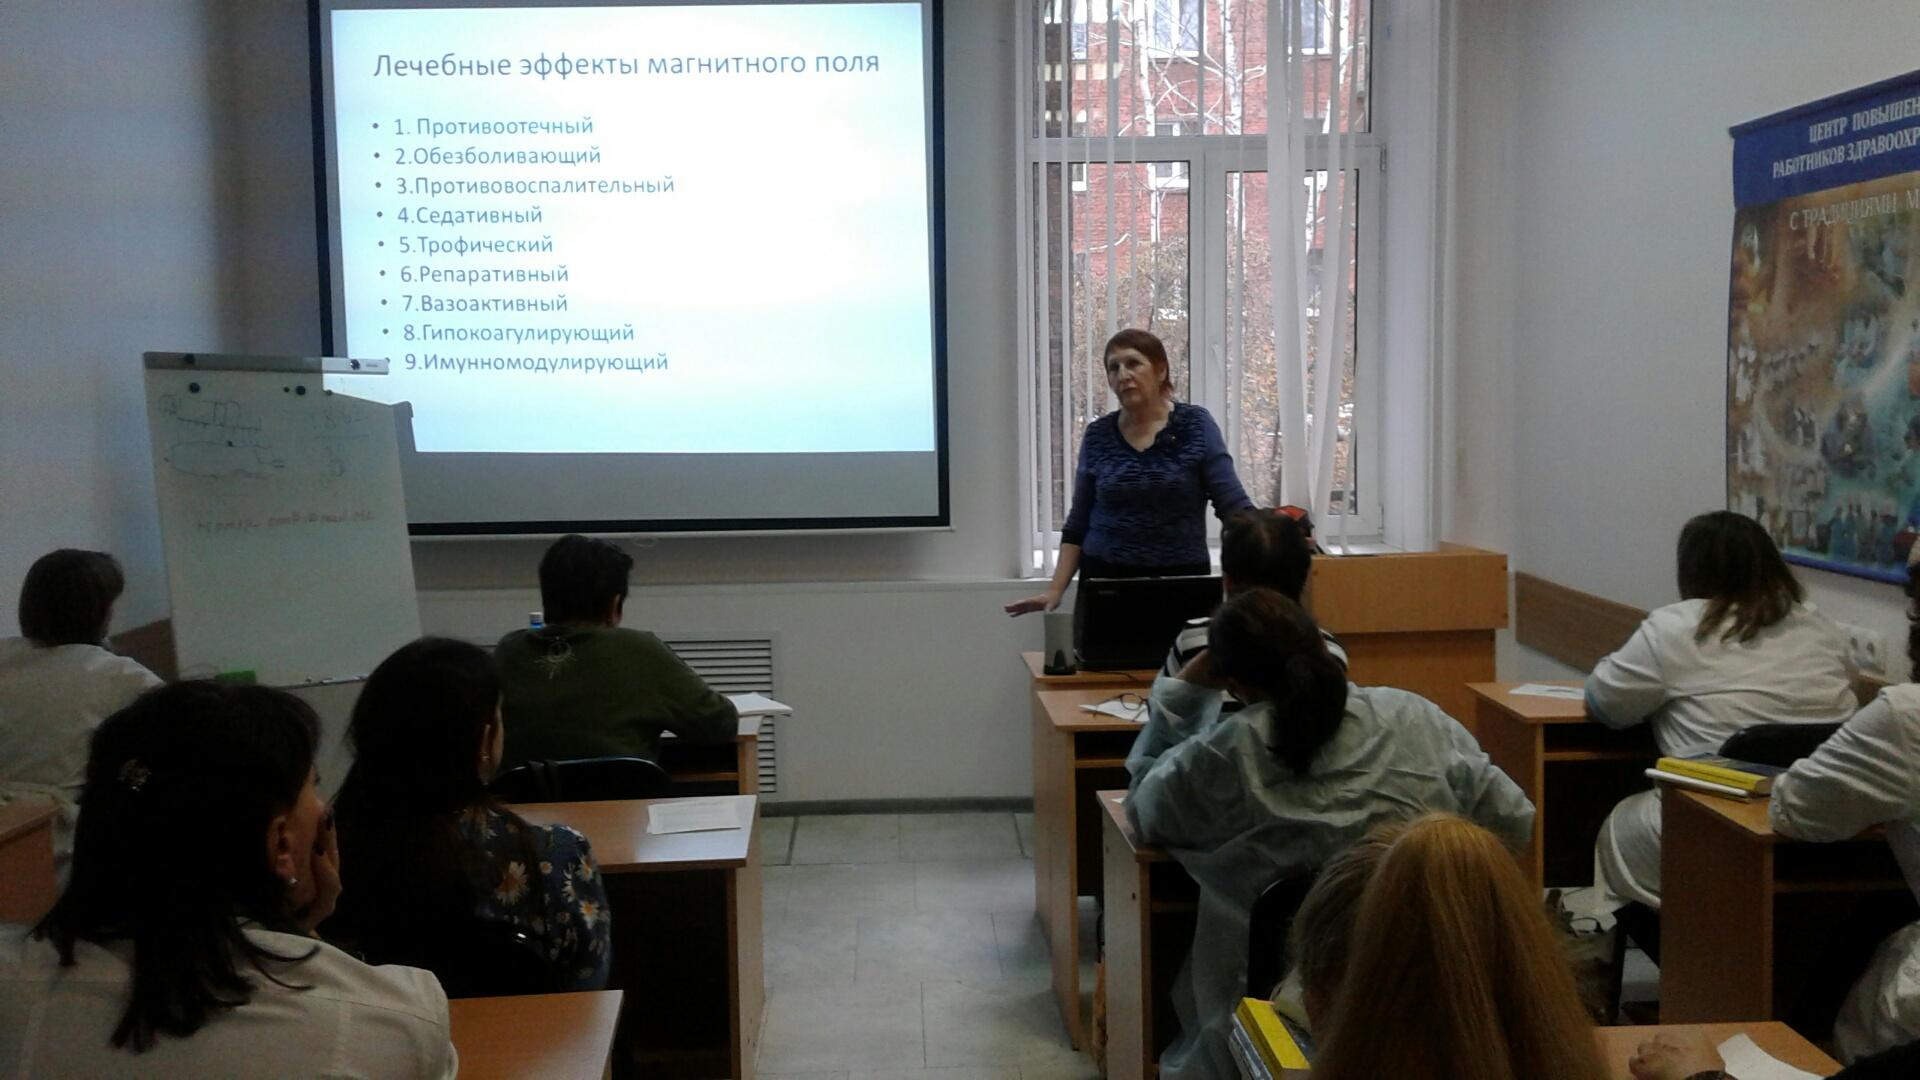 7 ноября 2019 года состоялся семинар по теме «Магнитотерапия, ее лечебное применение». Преподаватель  Долматова Е.А. Обучено 13 специалистов.